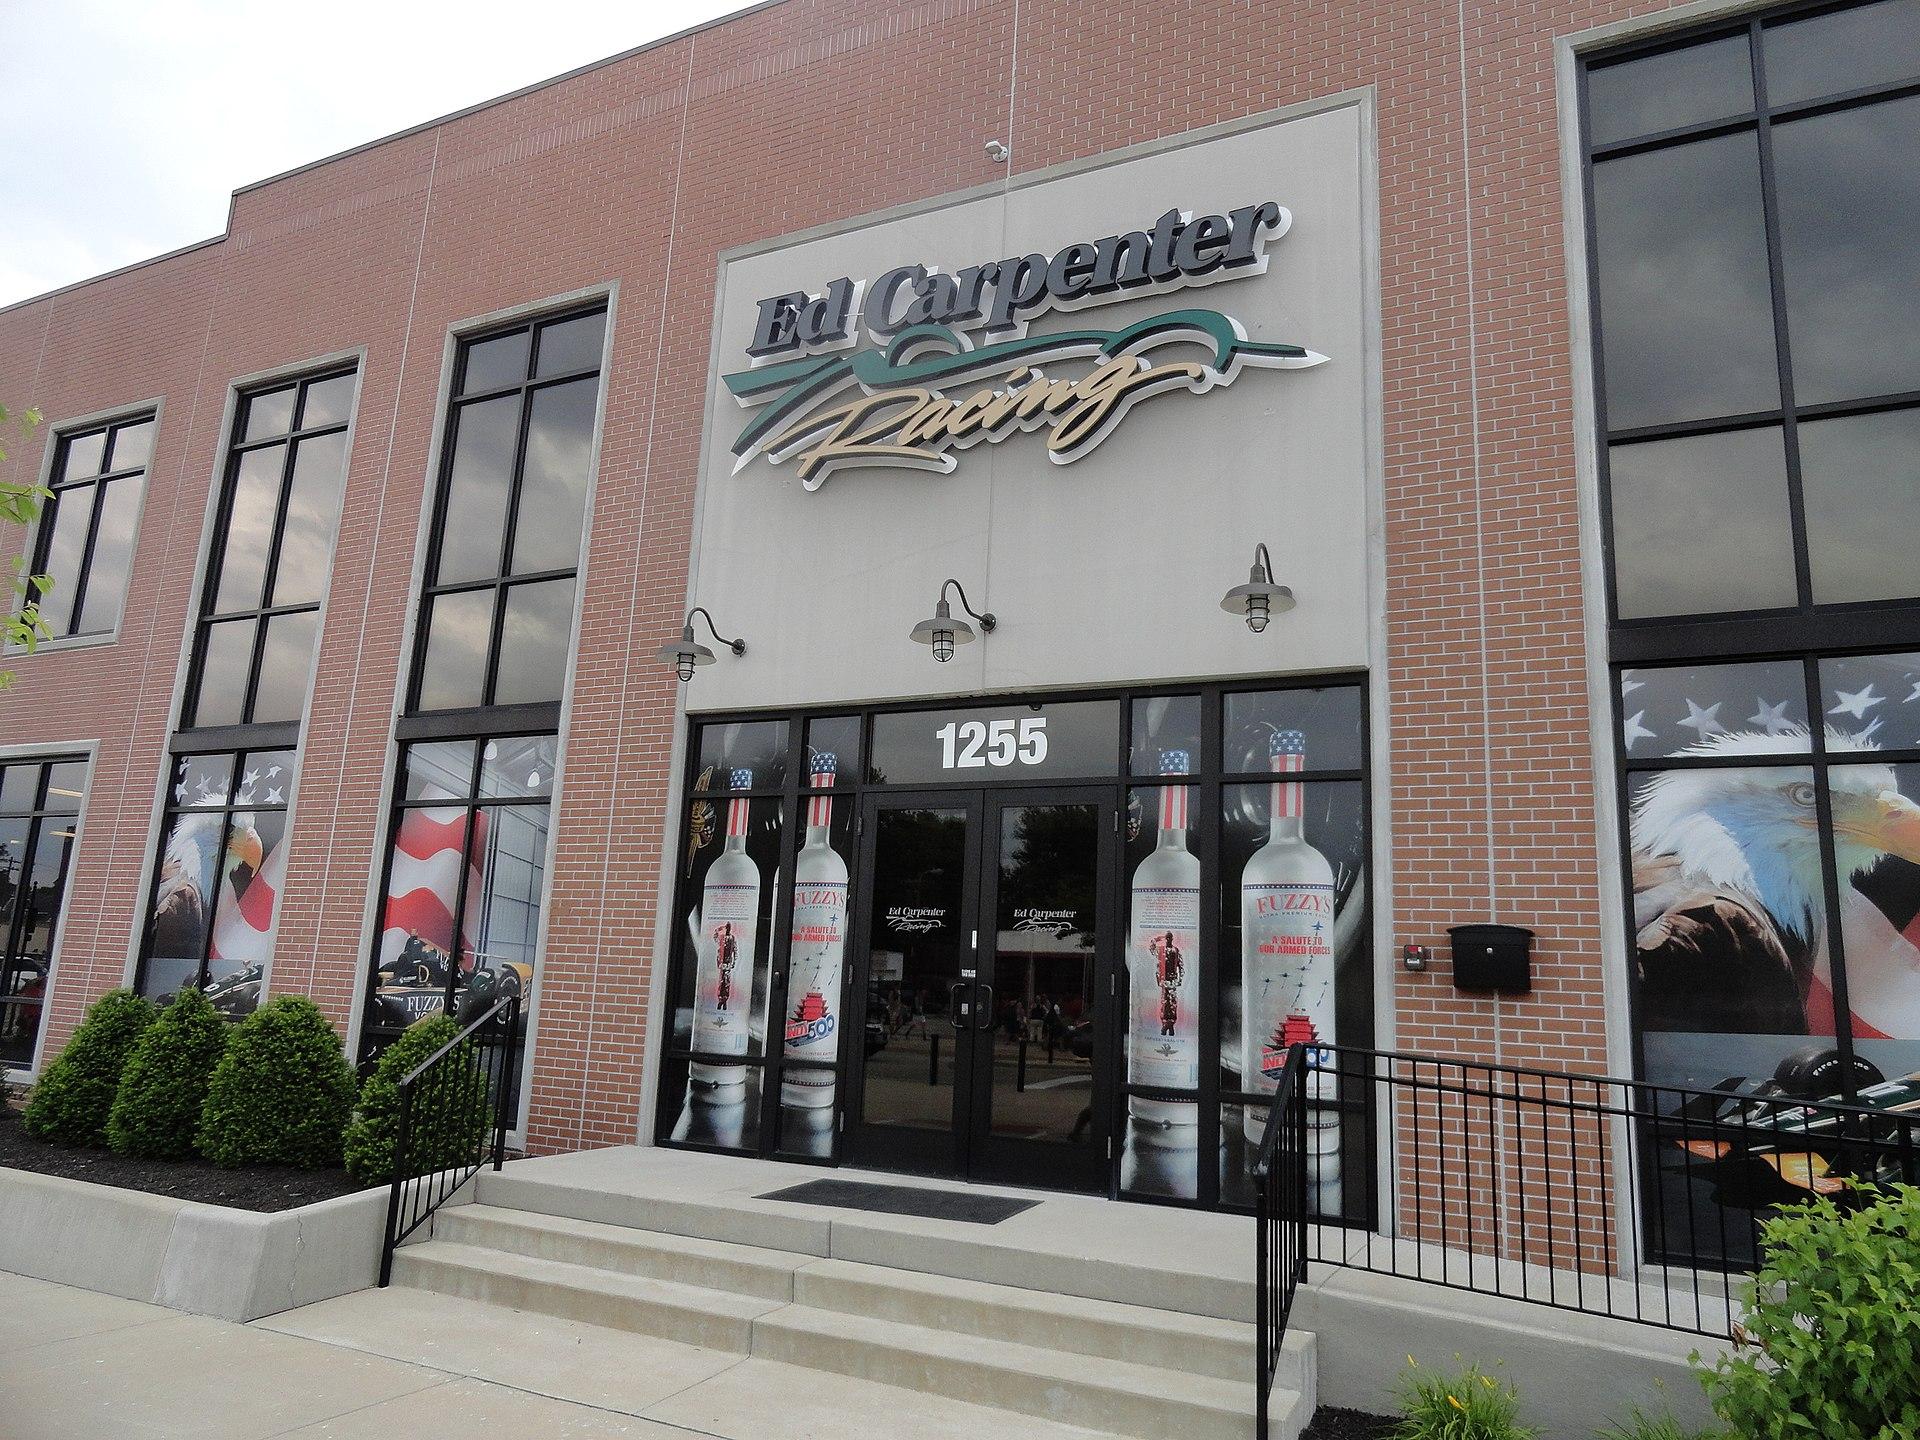 Het hoofdkwartier van Ed Carpenter Racing in Indianapolis.